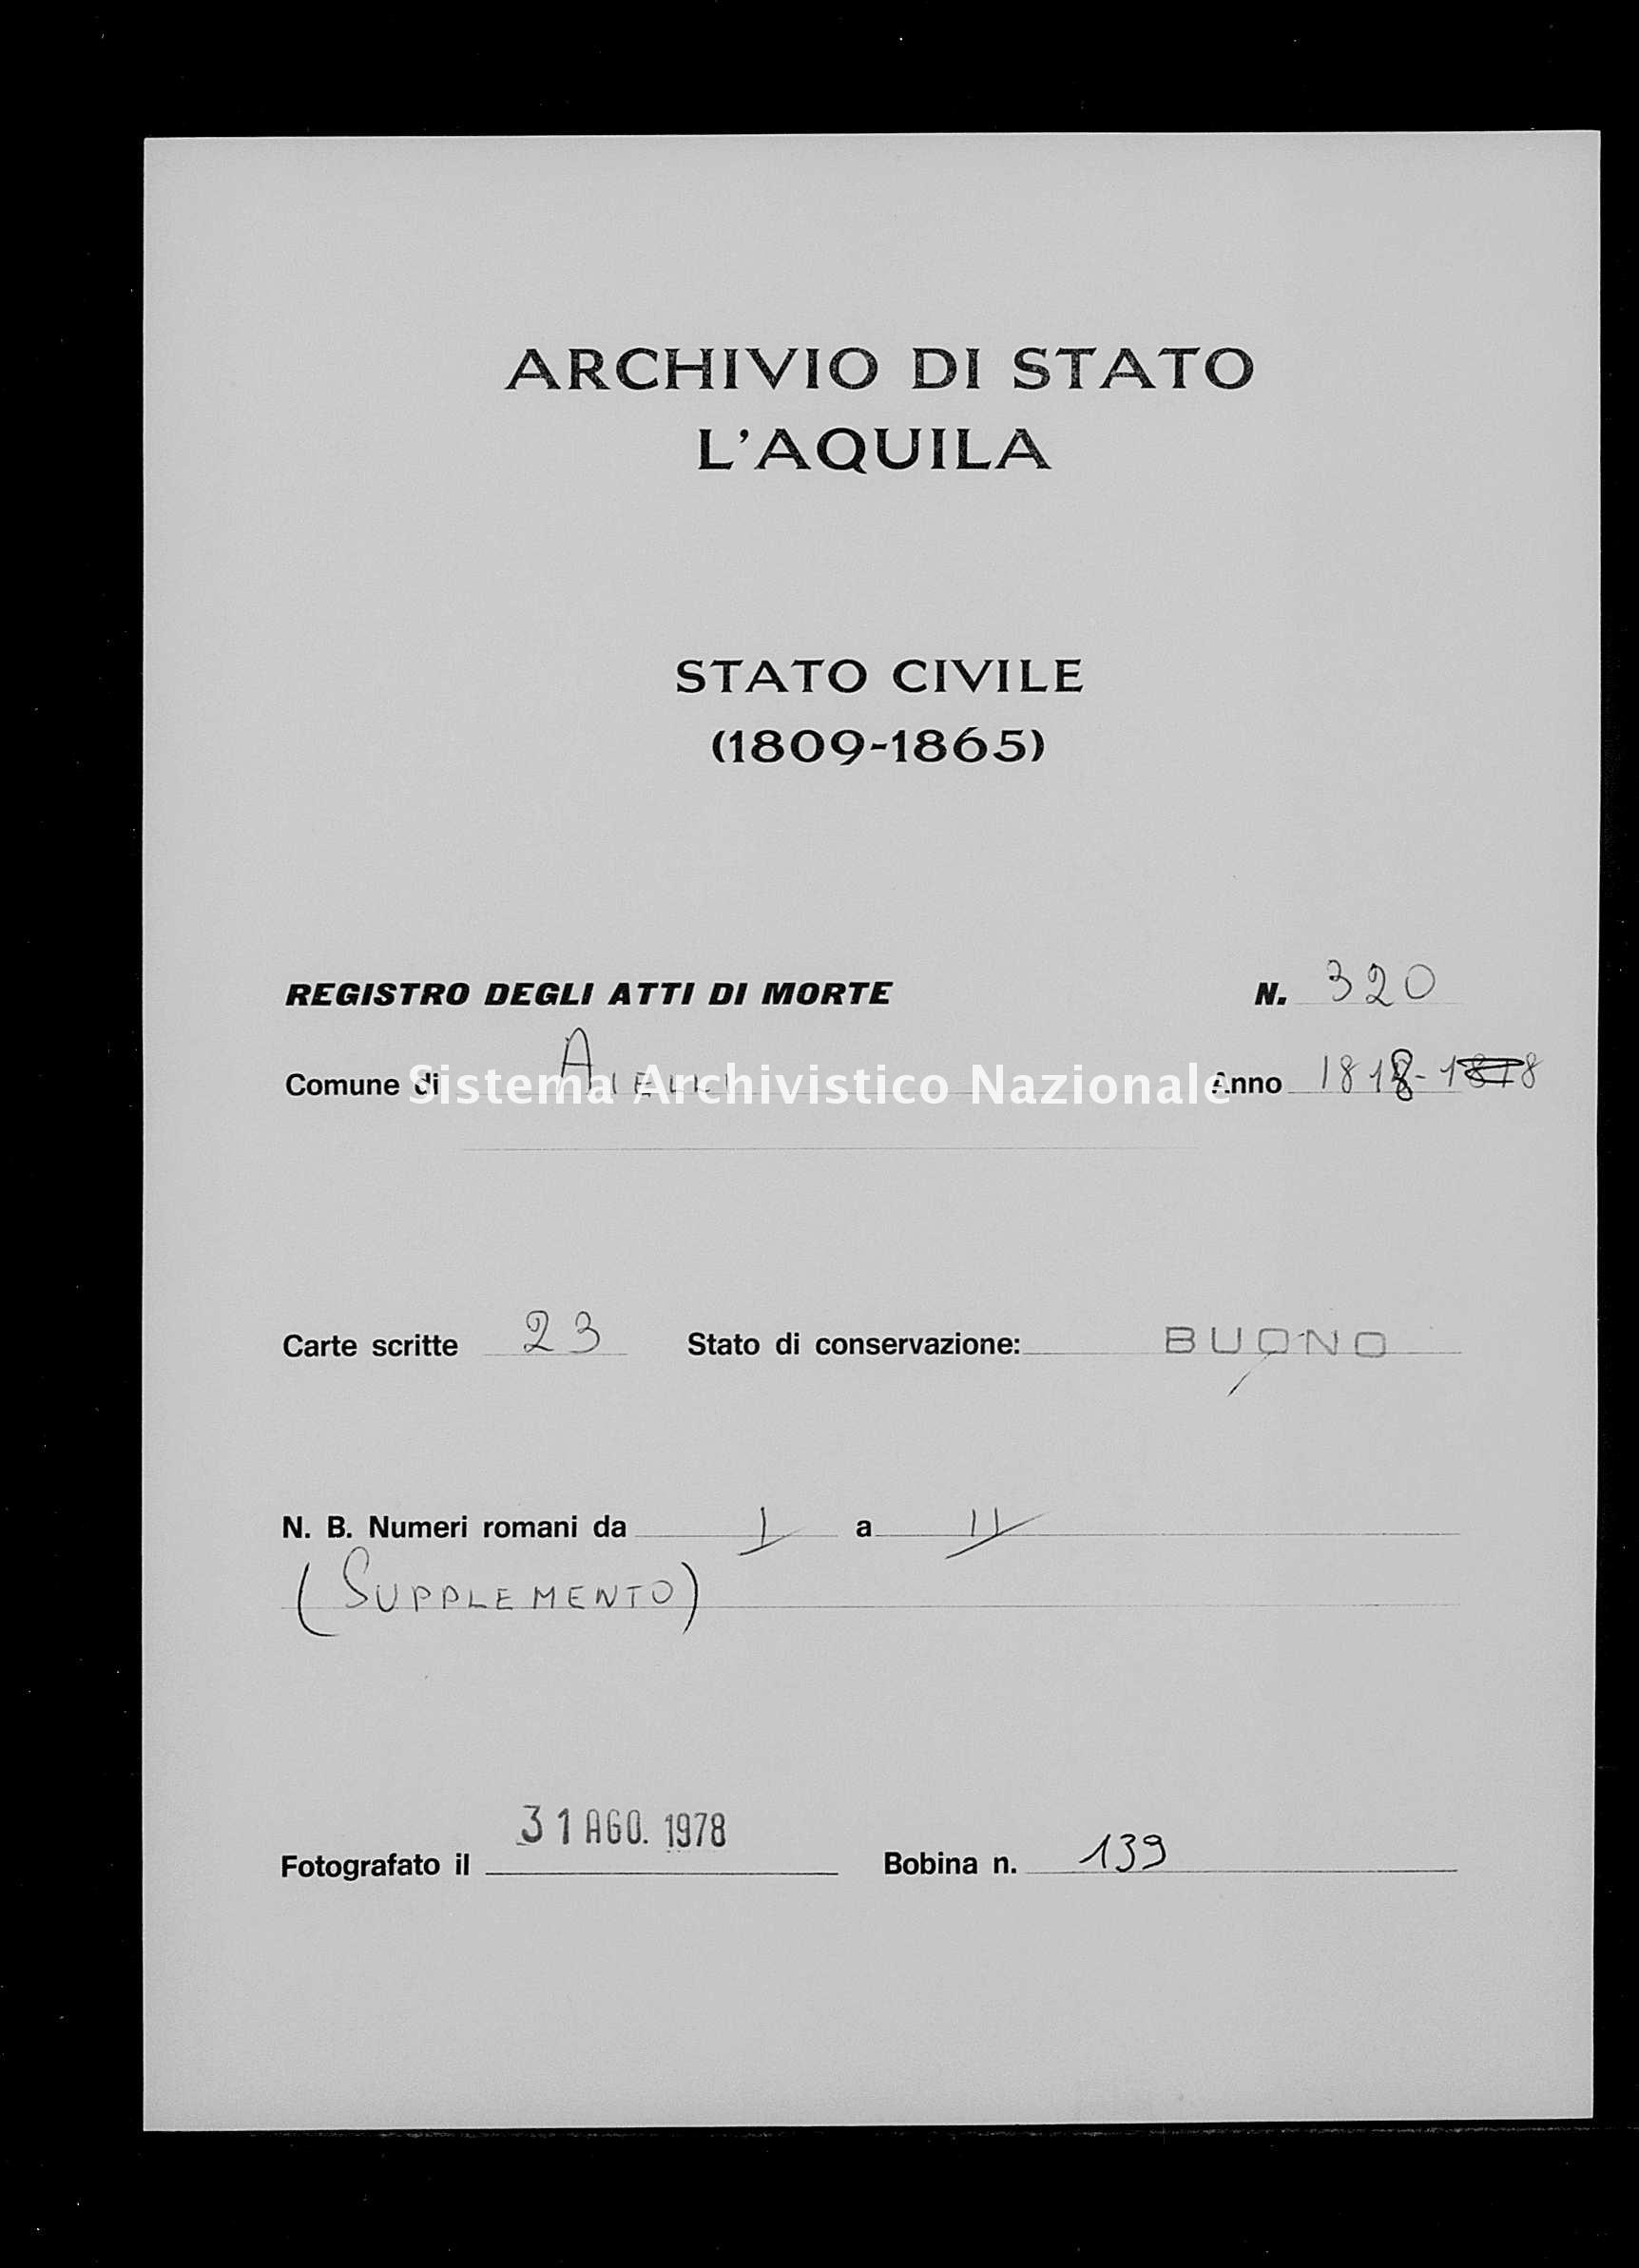 Archivio di stato di L'aquila - Stato civile della restaurazione - Aielli - Morti - 1818 - 320 -